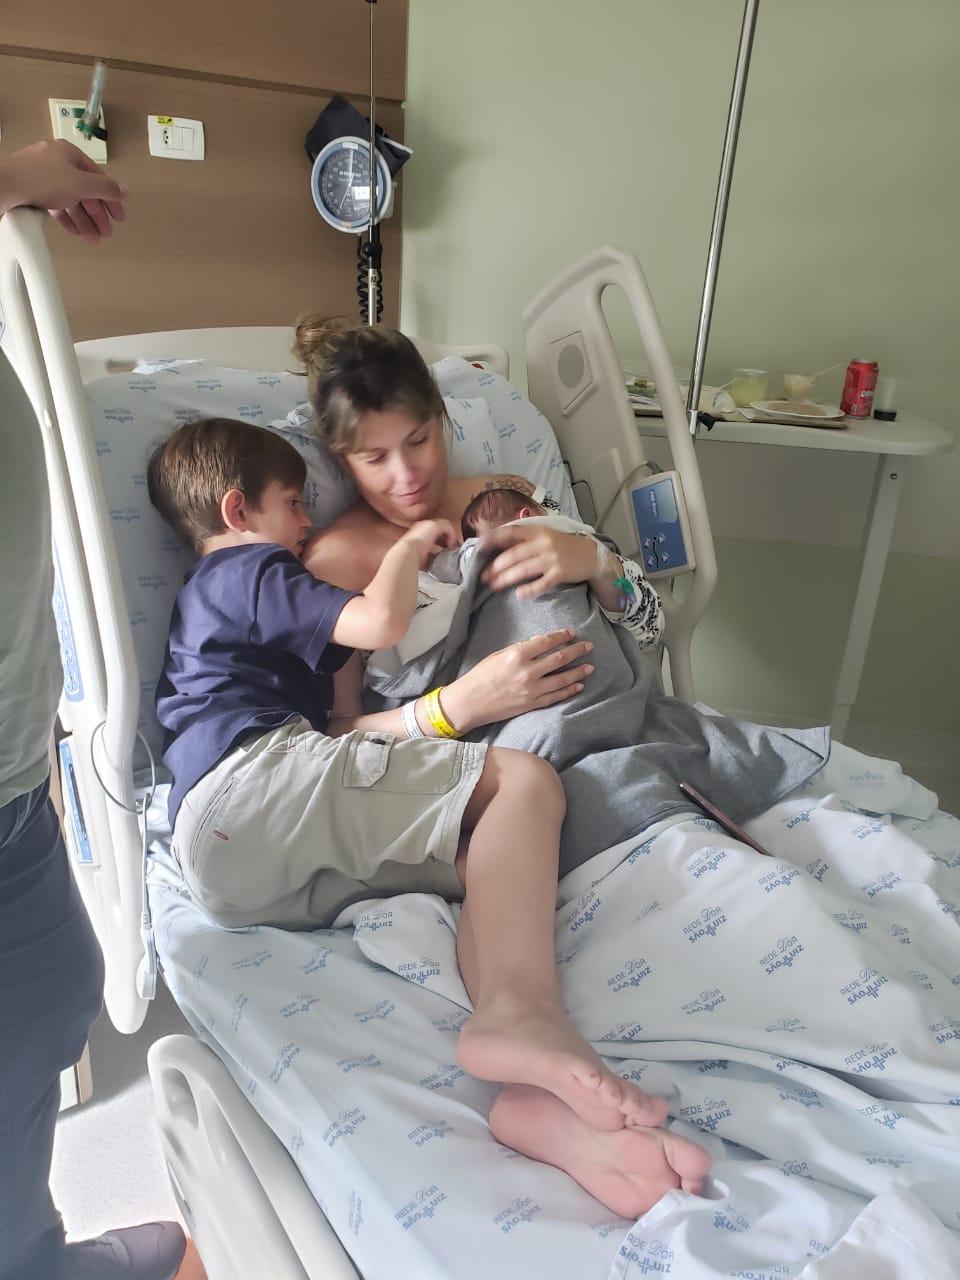 A mãe aparece na cama do hospital com o recém-nascido no colo e o mais velho está deitado ao lado, tentando interagir com o irmão